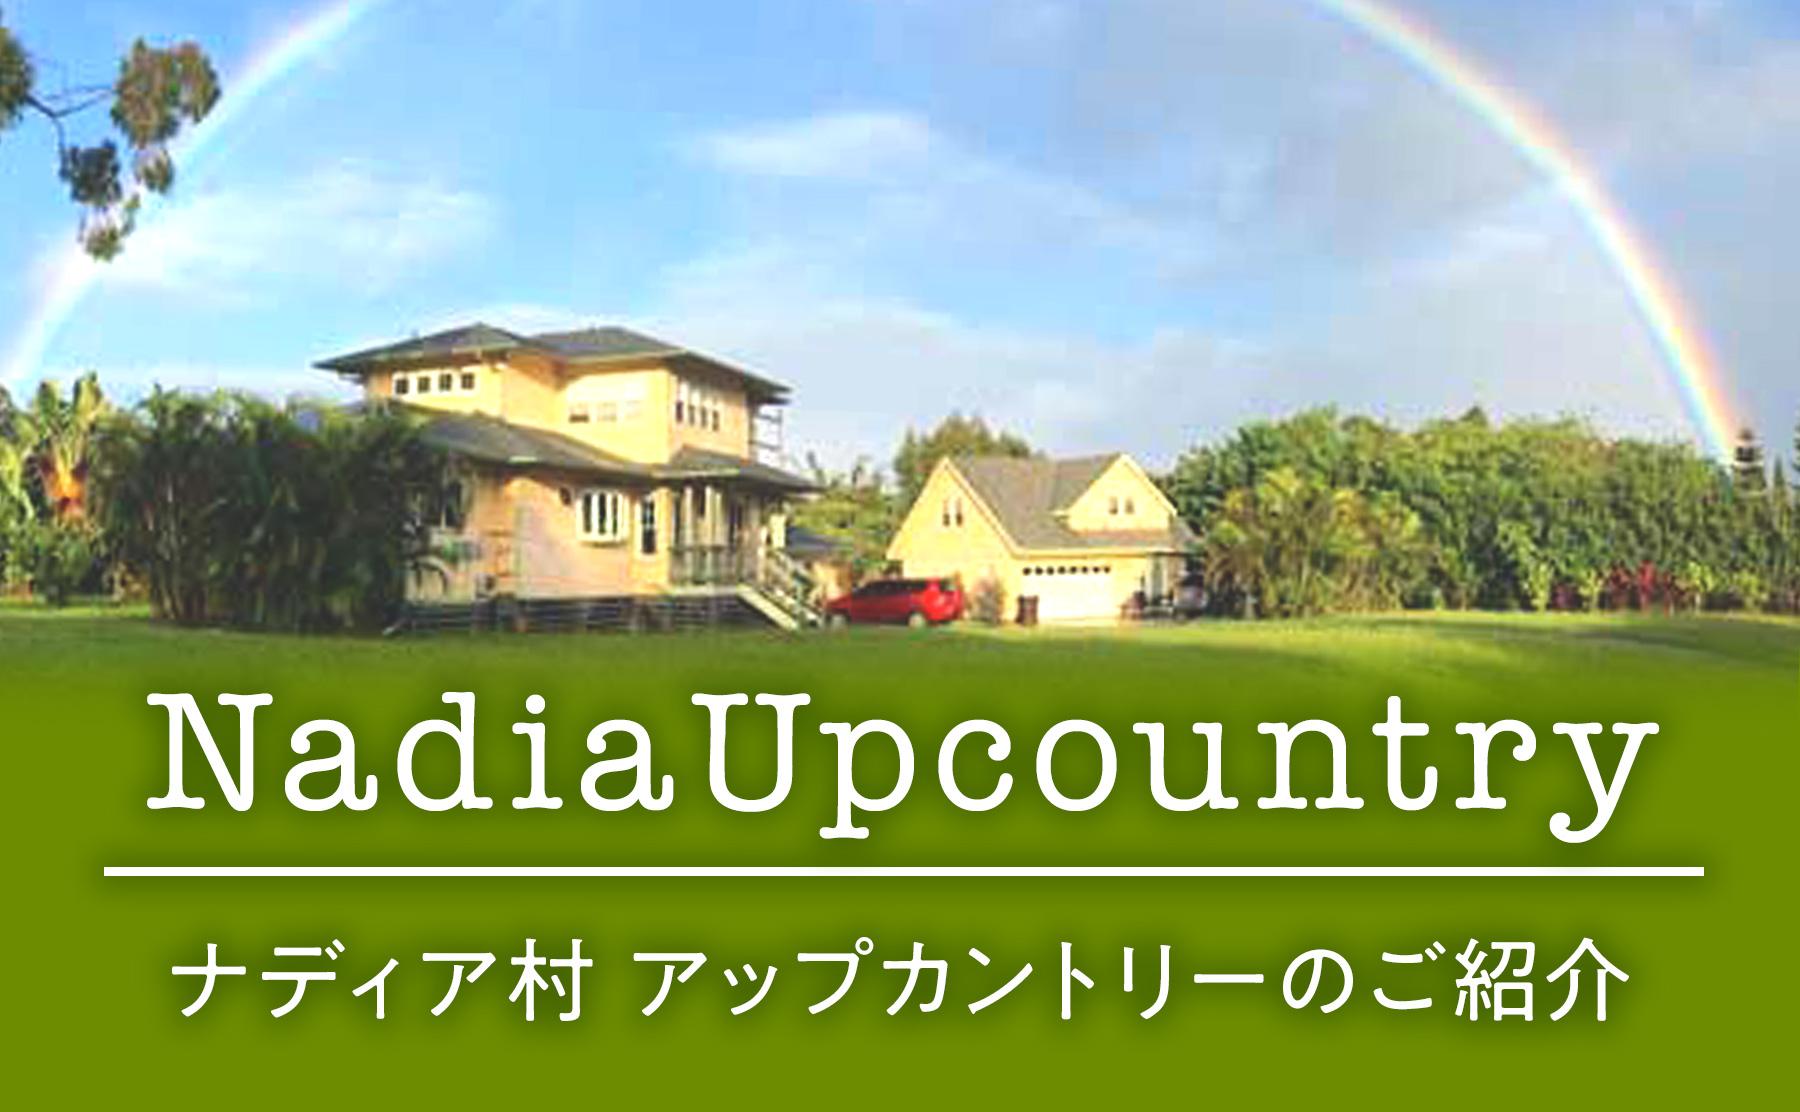 ハワイ・ナディア村アップカントリー施設紹介